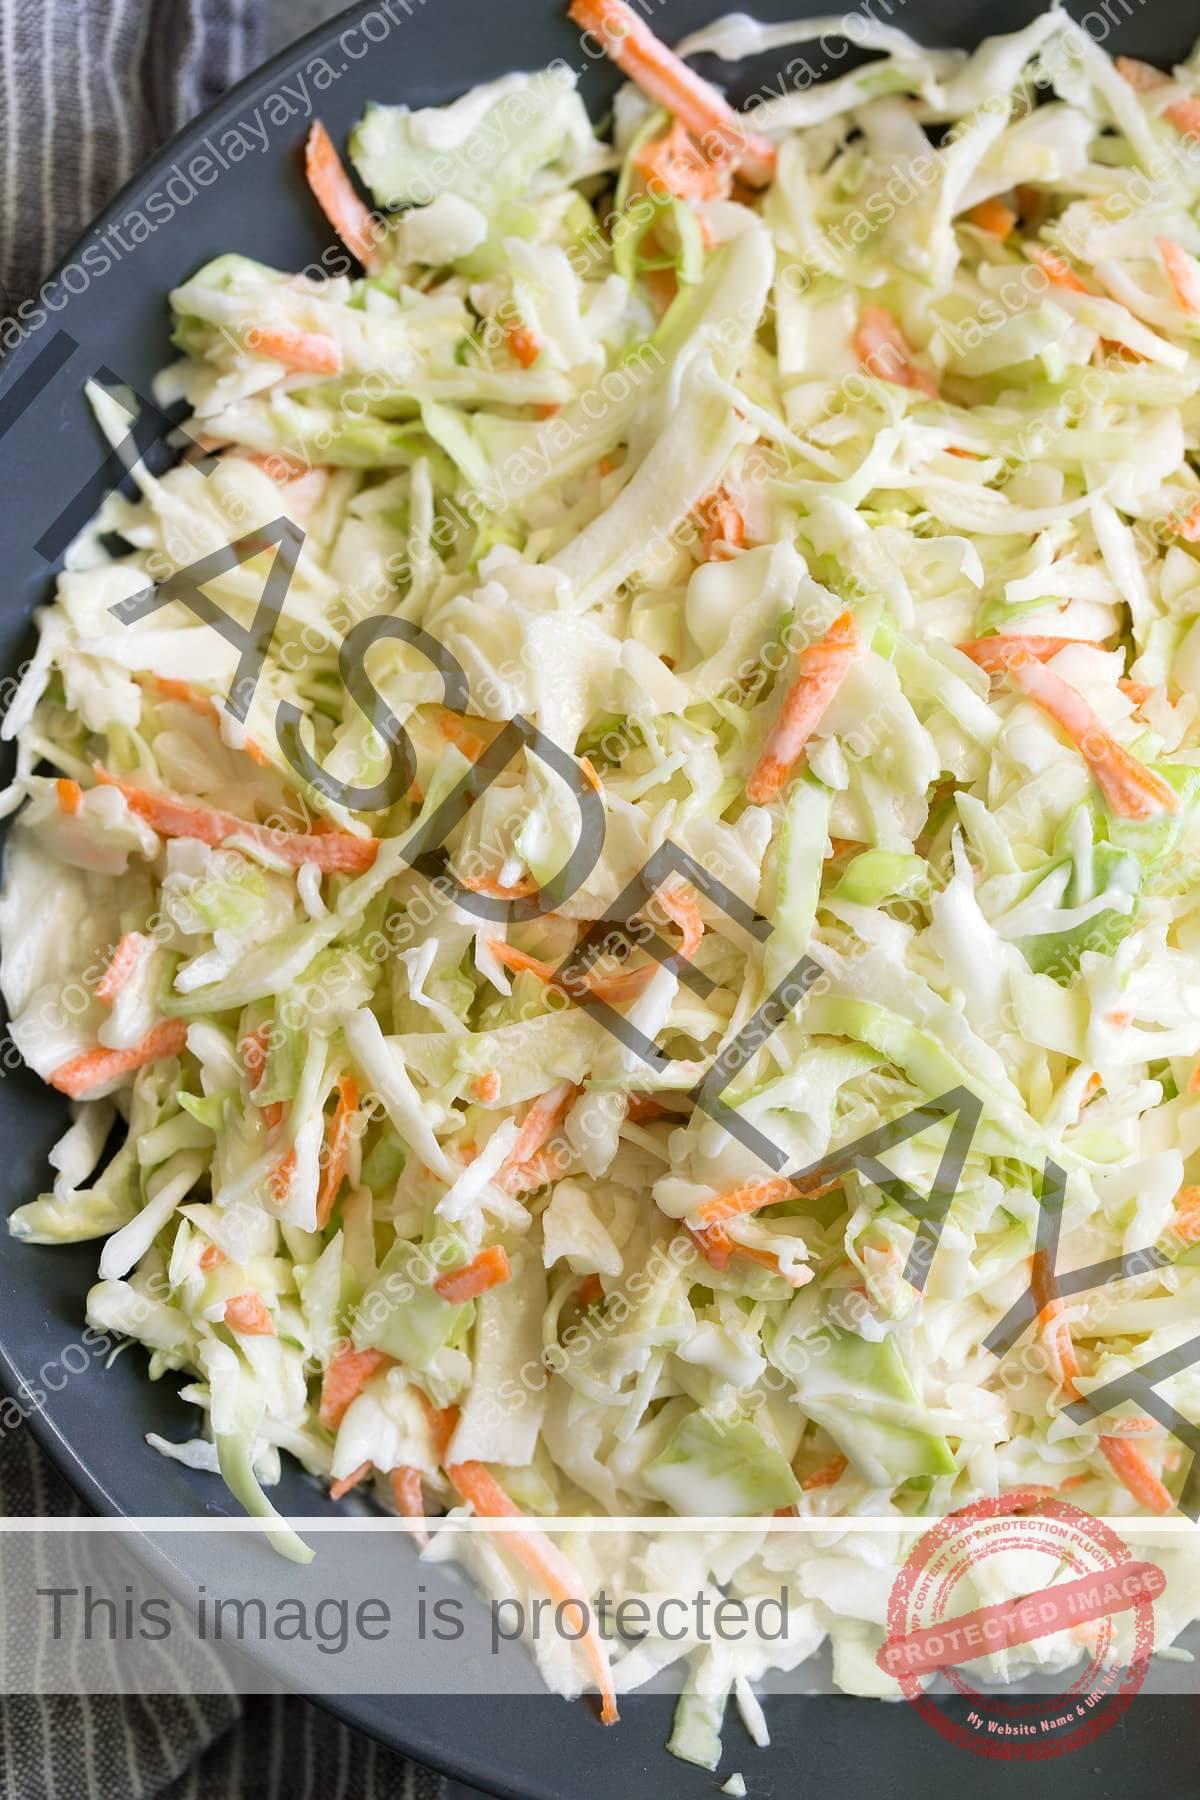 Cerrar imagen de ensalada de col con aderezo en un recipiente azul oscuro.